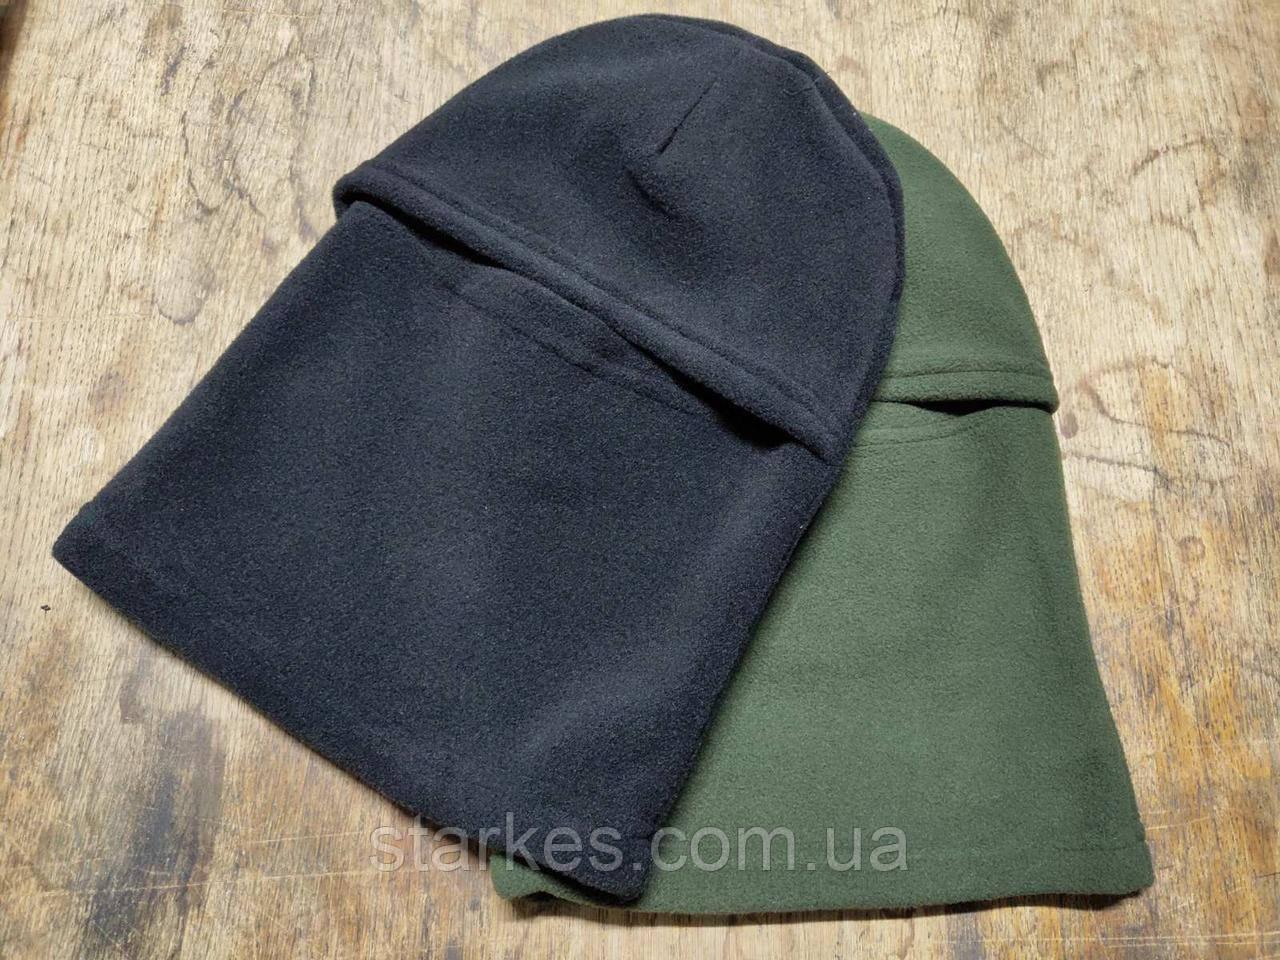 Балаклавы флисовые форменные на осень - зиму, теплые, код: 411.